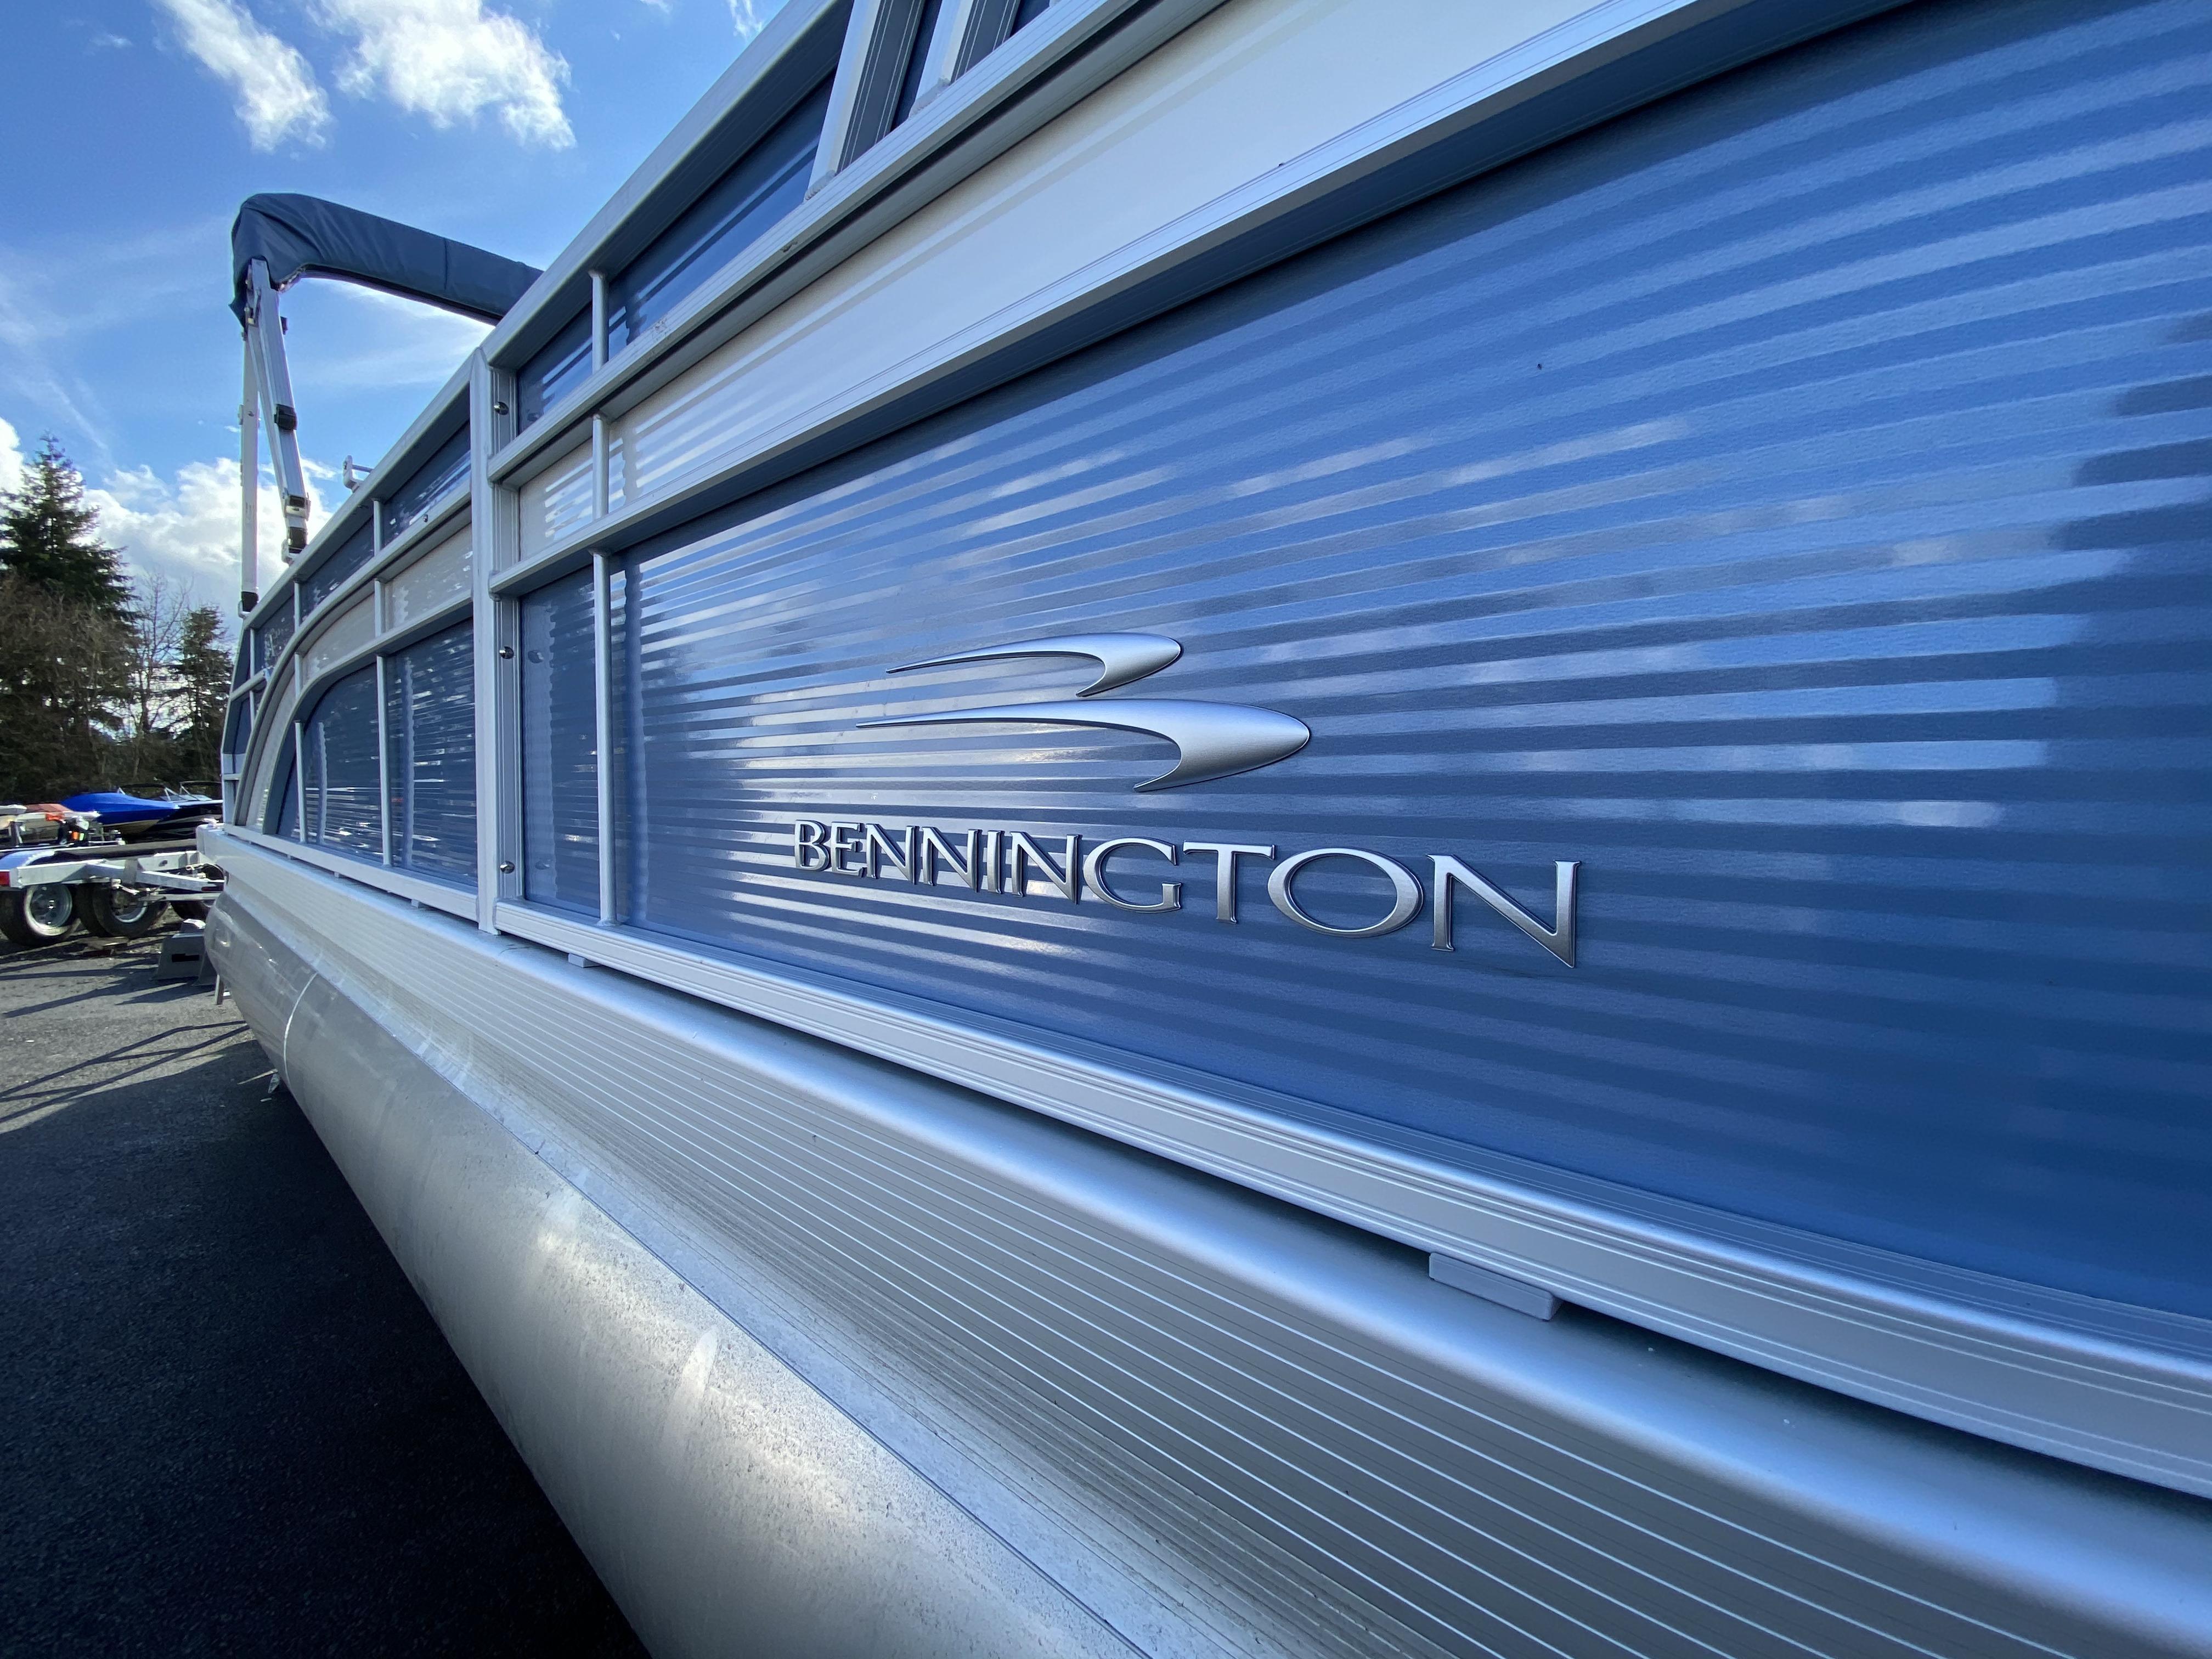 2021 Bennington 22 SS BXSD